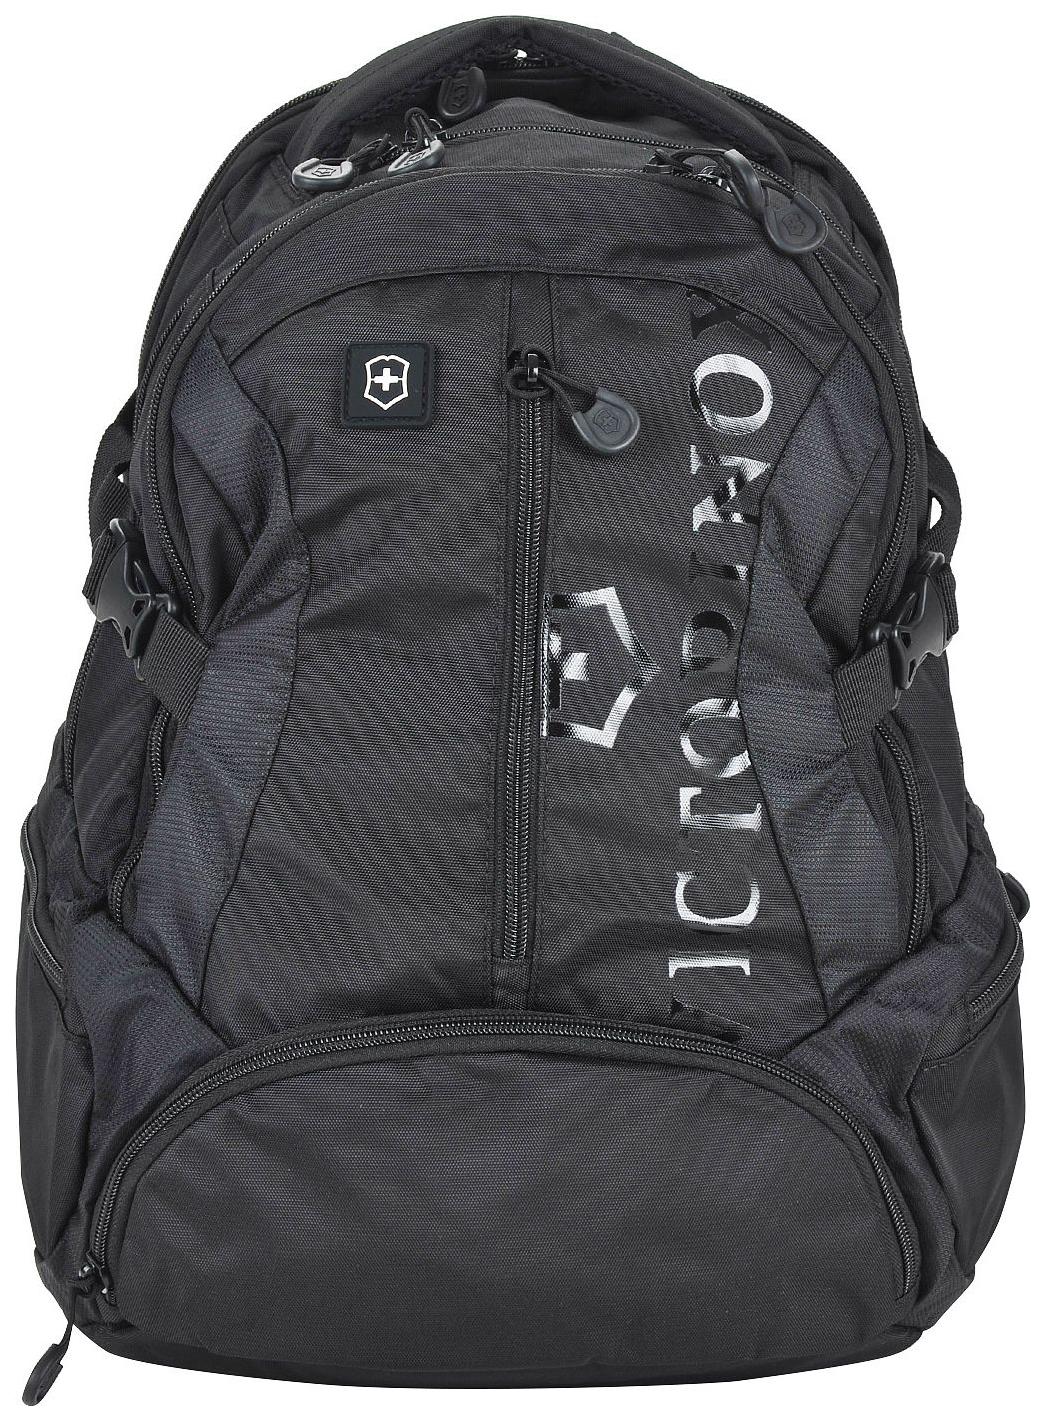 Рюкзак Victorinox Sport Scout черный 26 л